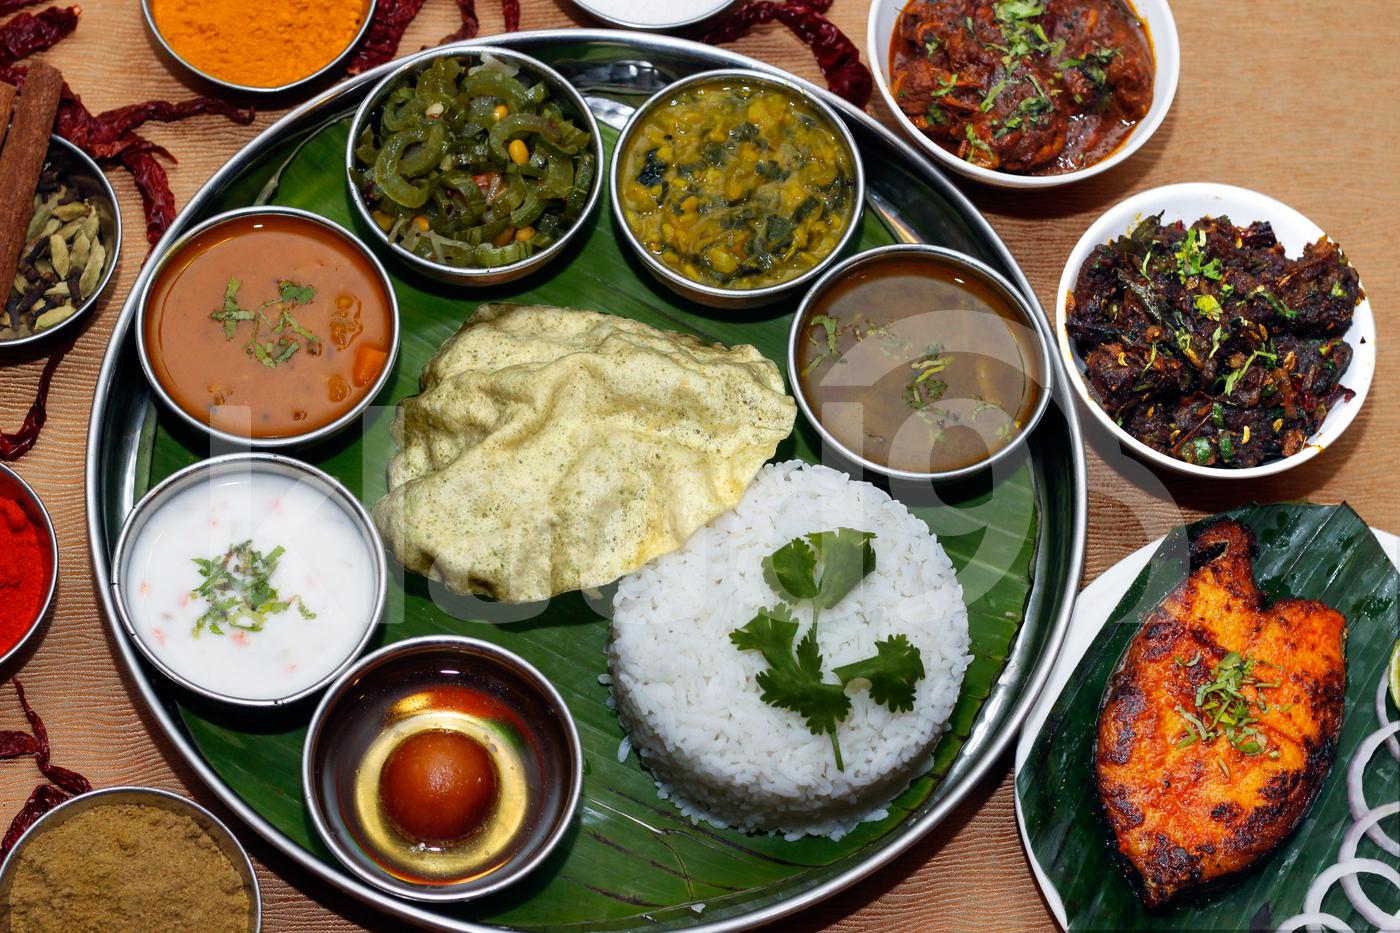 Banana leaf thali set